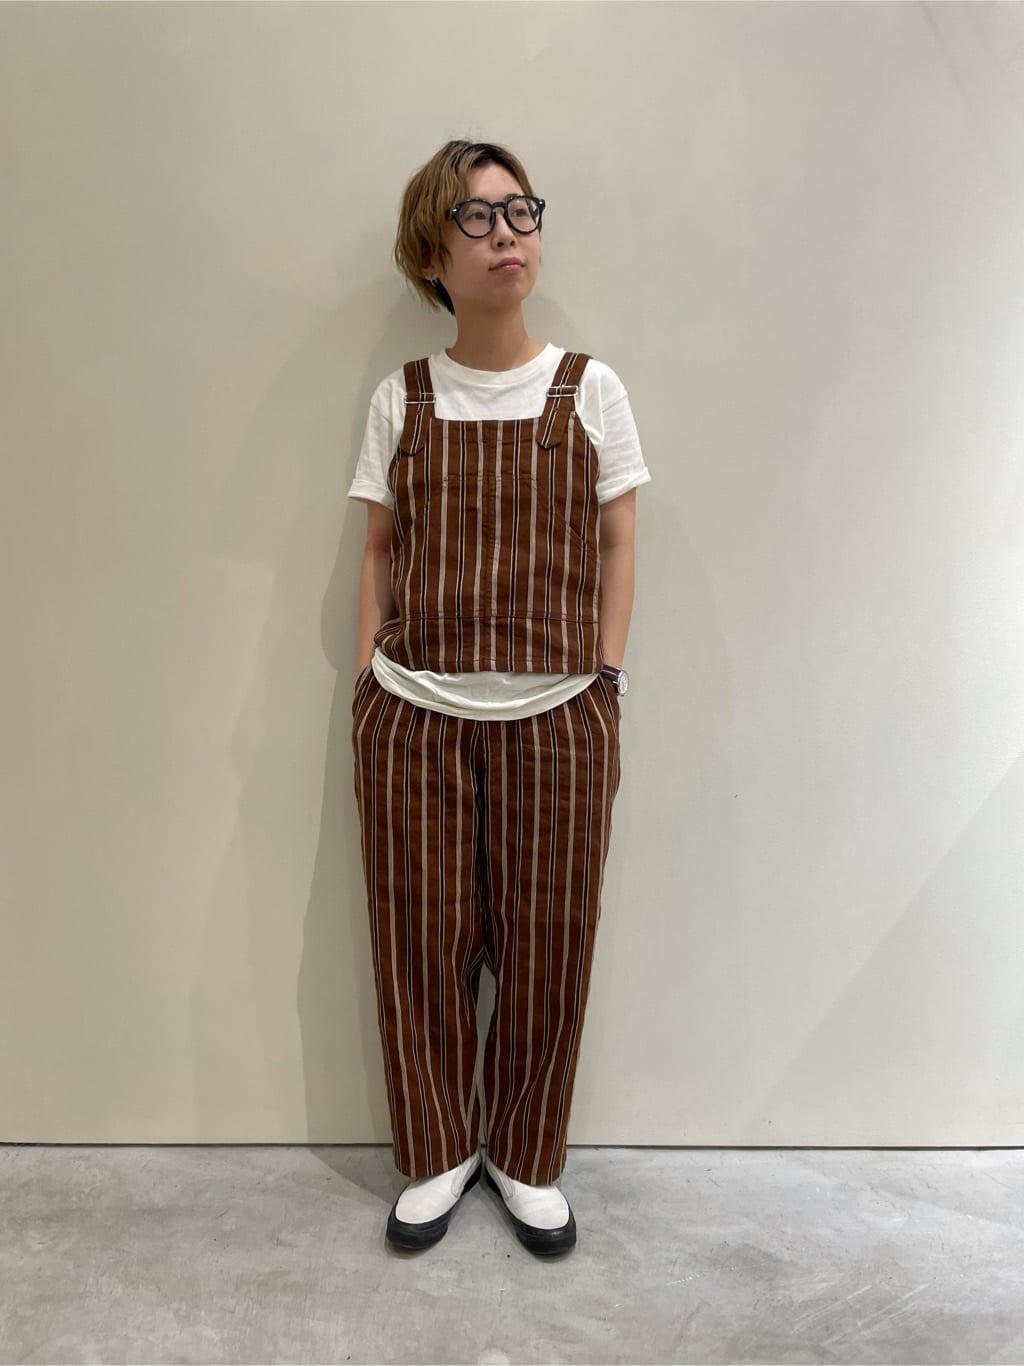 CHILD WOMAN , PAR ICI 新宿ミロード 2021.07.26